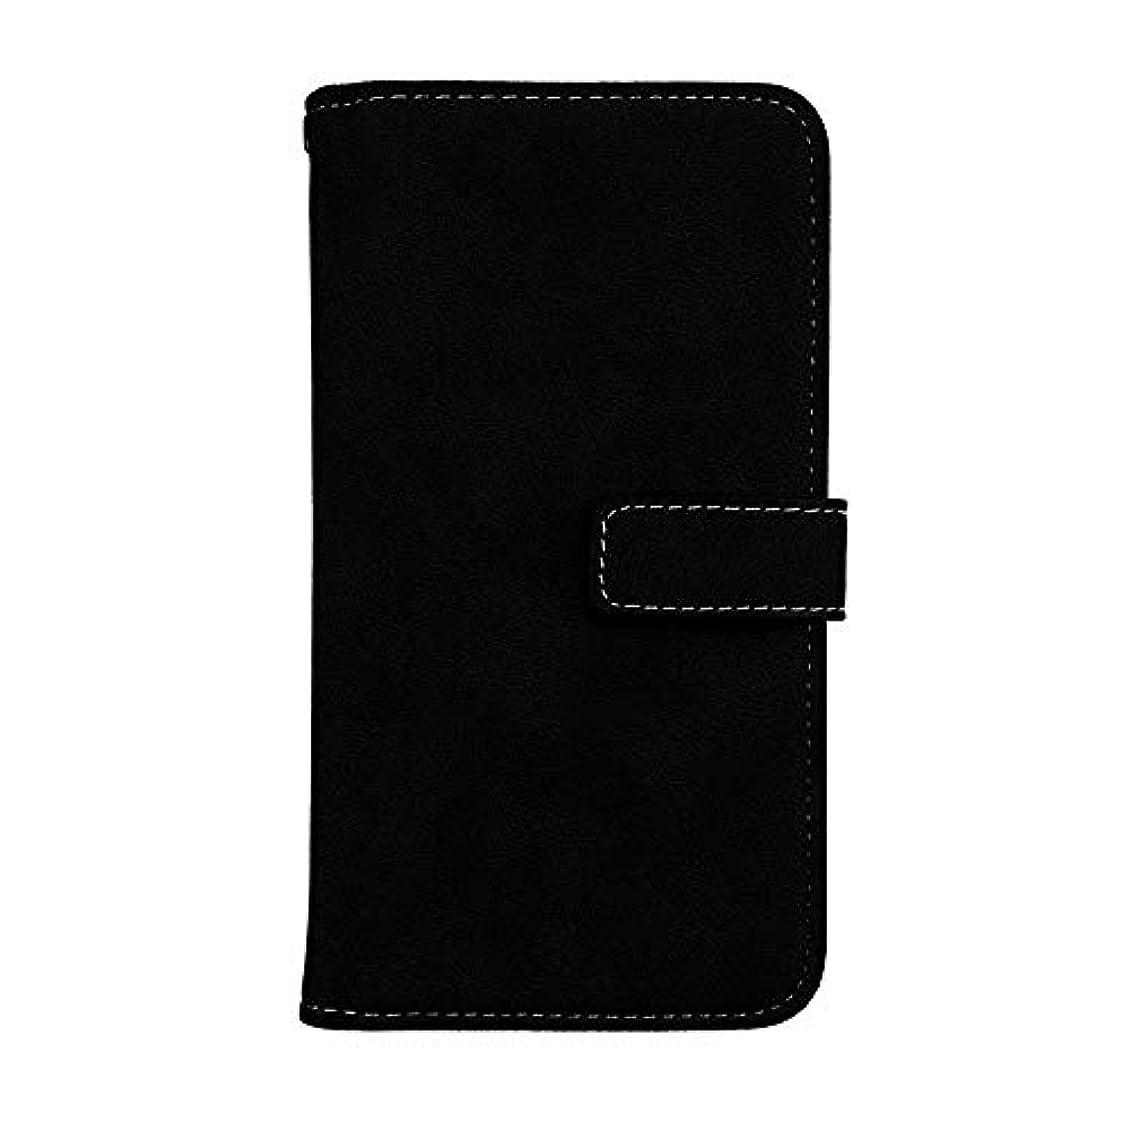 ハイブリッドデータムと遊ぶXiaomi Redmi Note 4 高品質 マグネット ケース, CUNUS 携帯電話 ケース 軽量 柔軟 高品質 耐摩擦 カード収納 カバー Xiaomi Redmi Note 4 用, ブラック